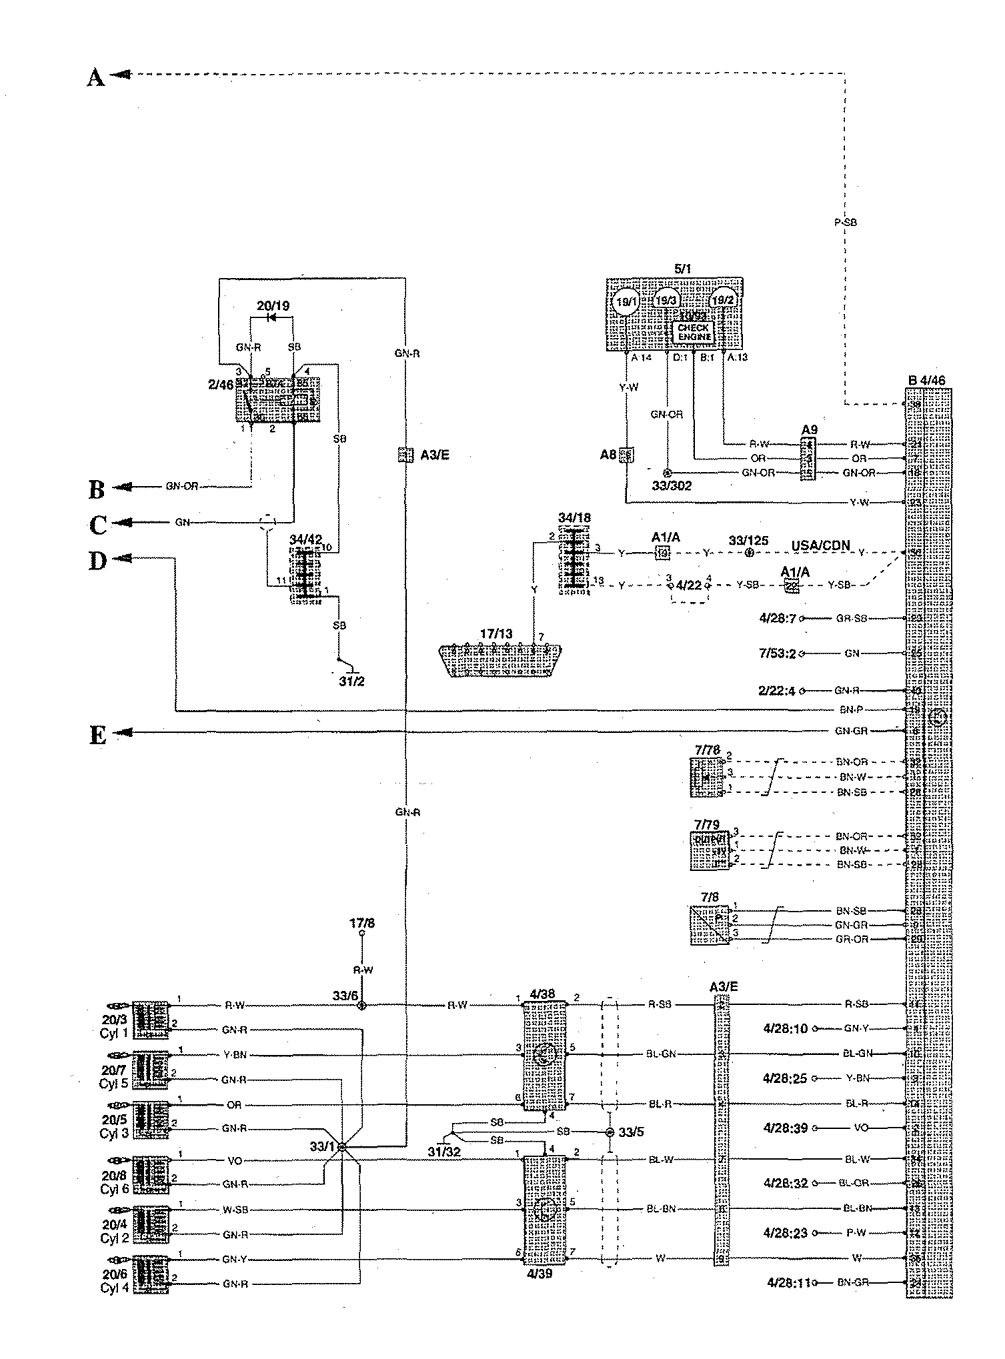 Wiring Diagram Volvo S90 Explore On The Net Diagrams For 2000 Semi Click Rh 76 Festival Face Book De Truck Simple